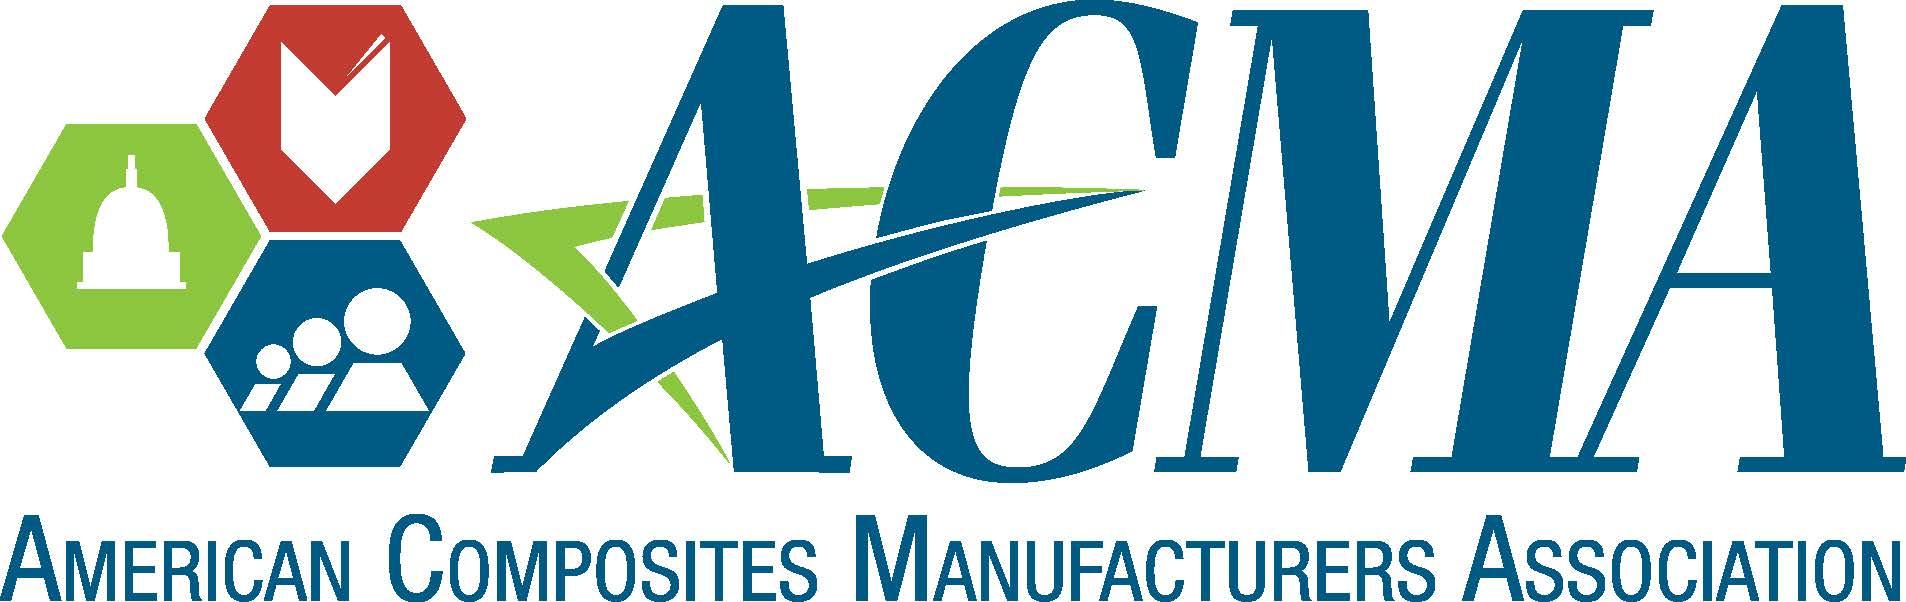 ACMA Logo 2015